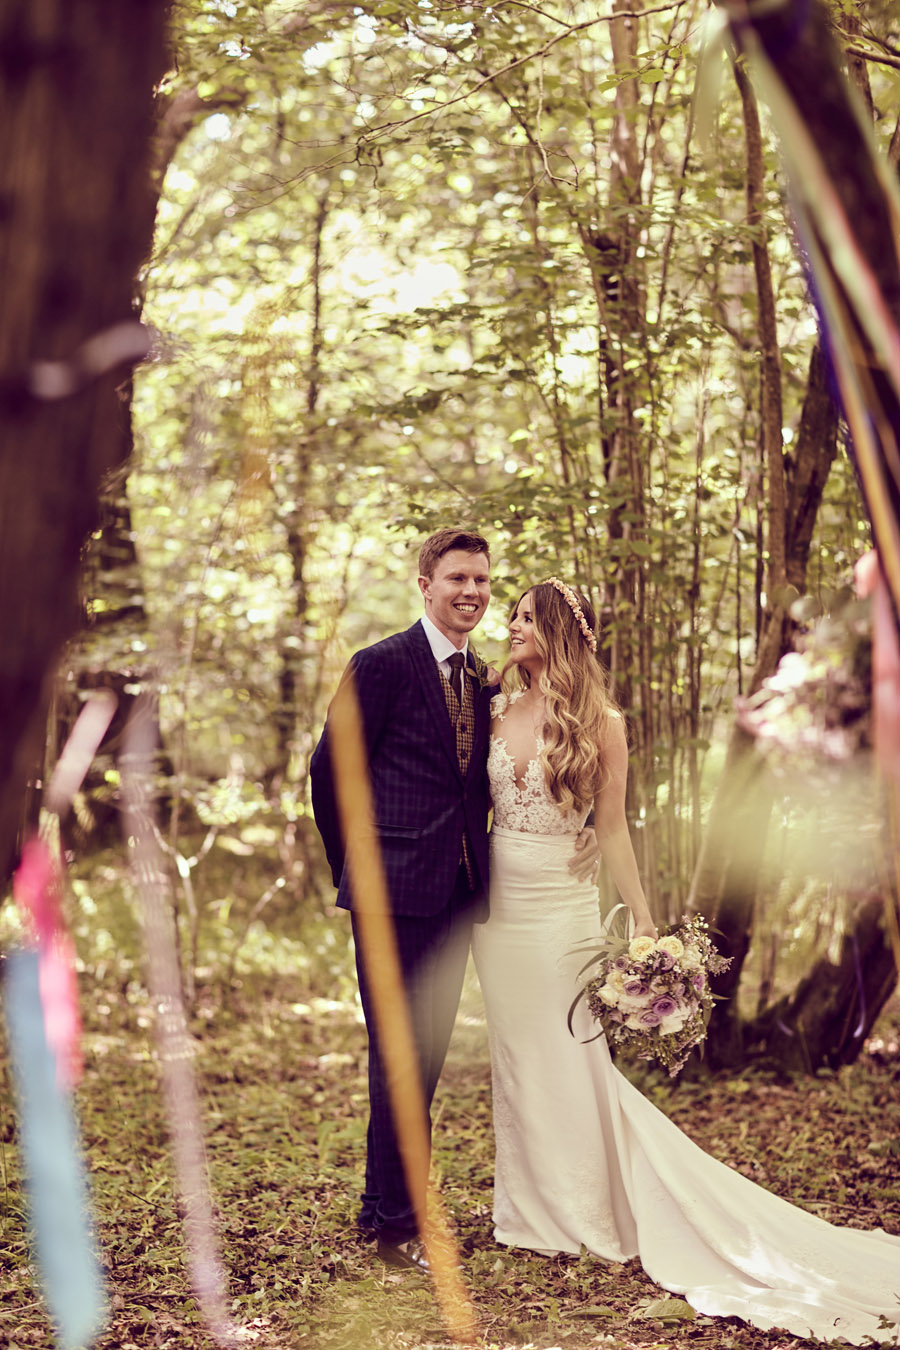 LauraKevs_Wedding_Bride-and-Groom_1385.jpg